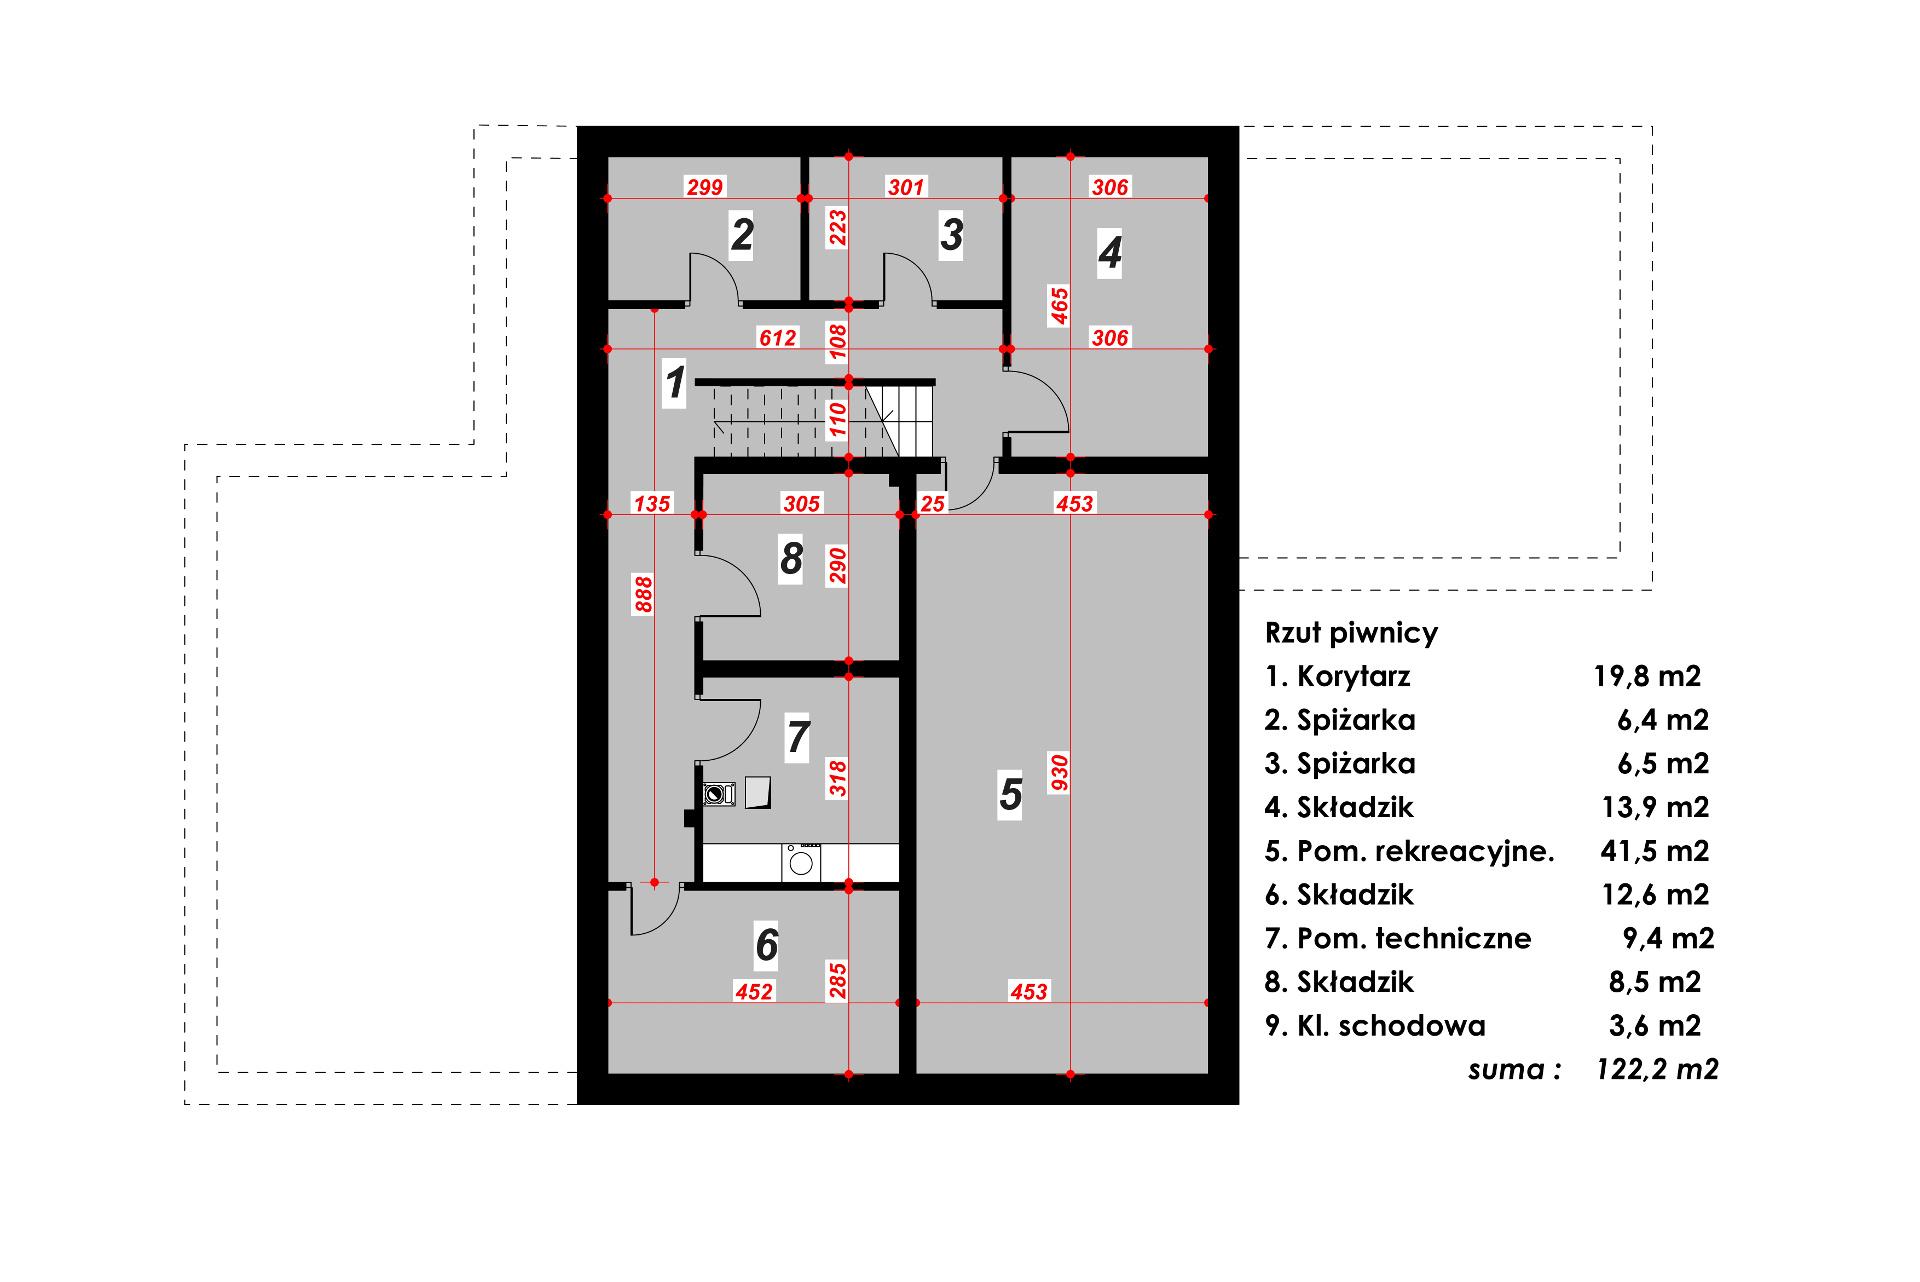 projekt-domu-rzut-piwnicy-Selena.jpg